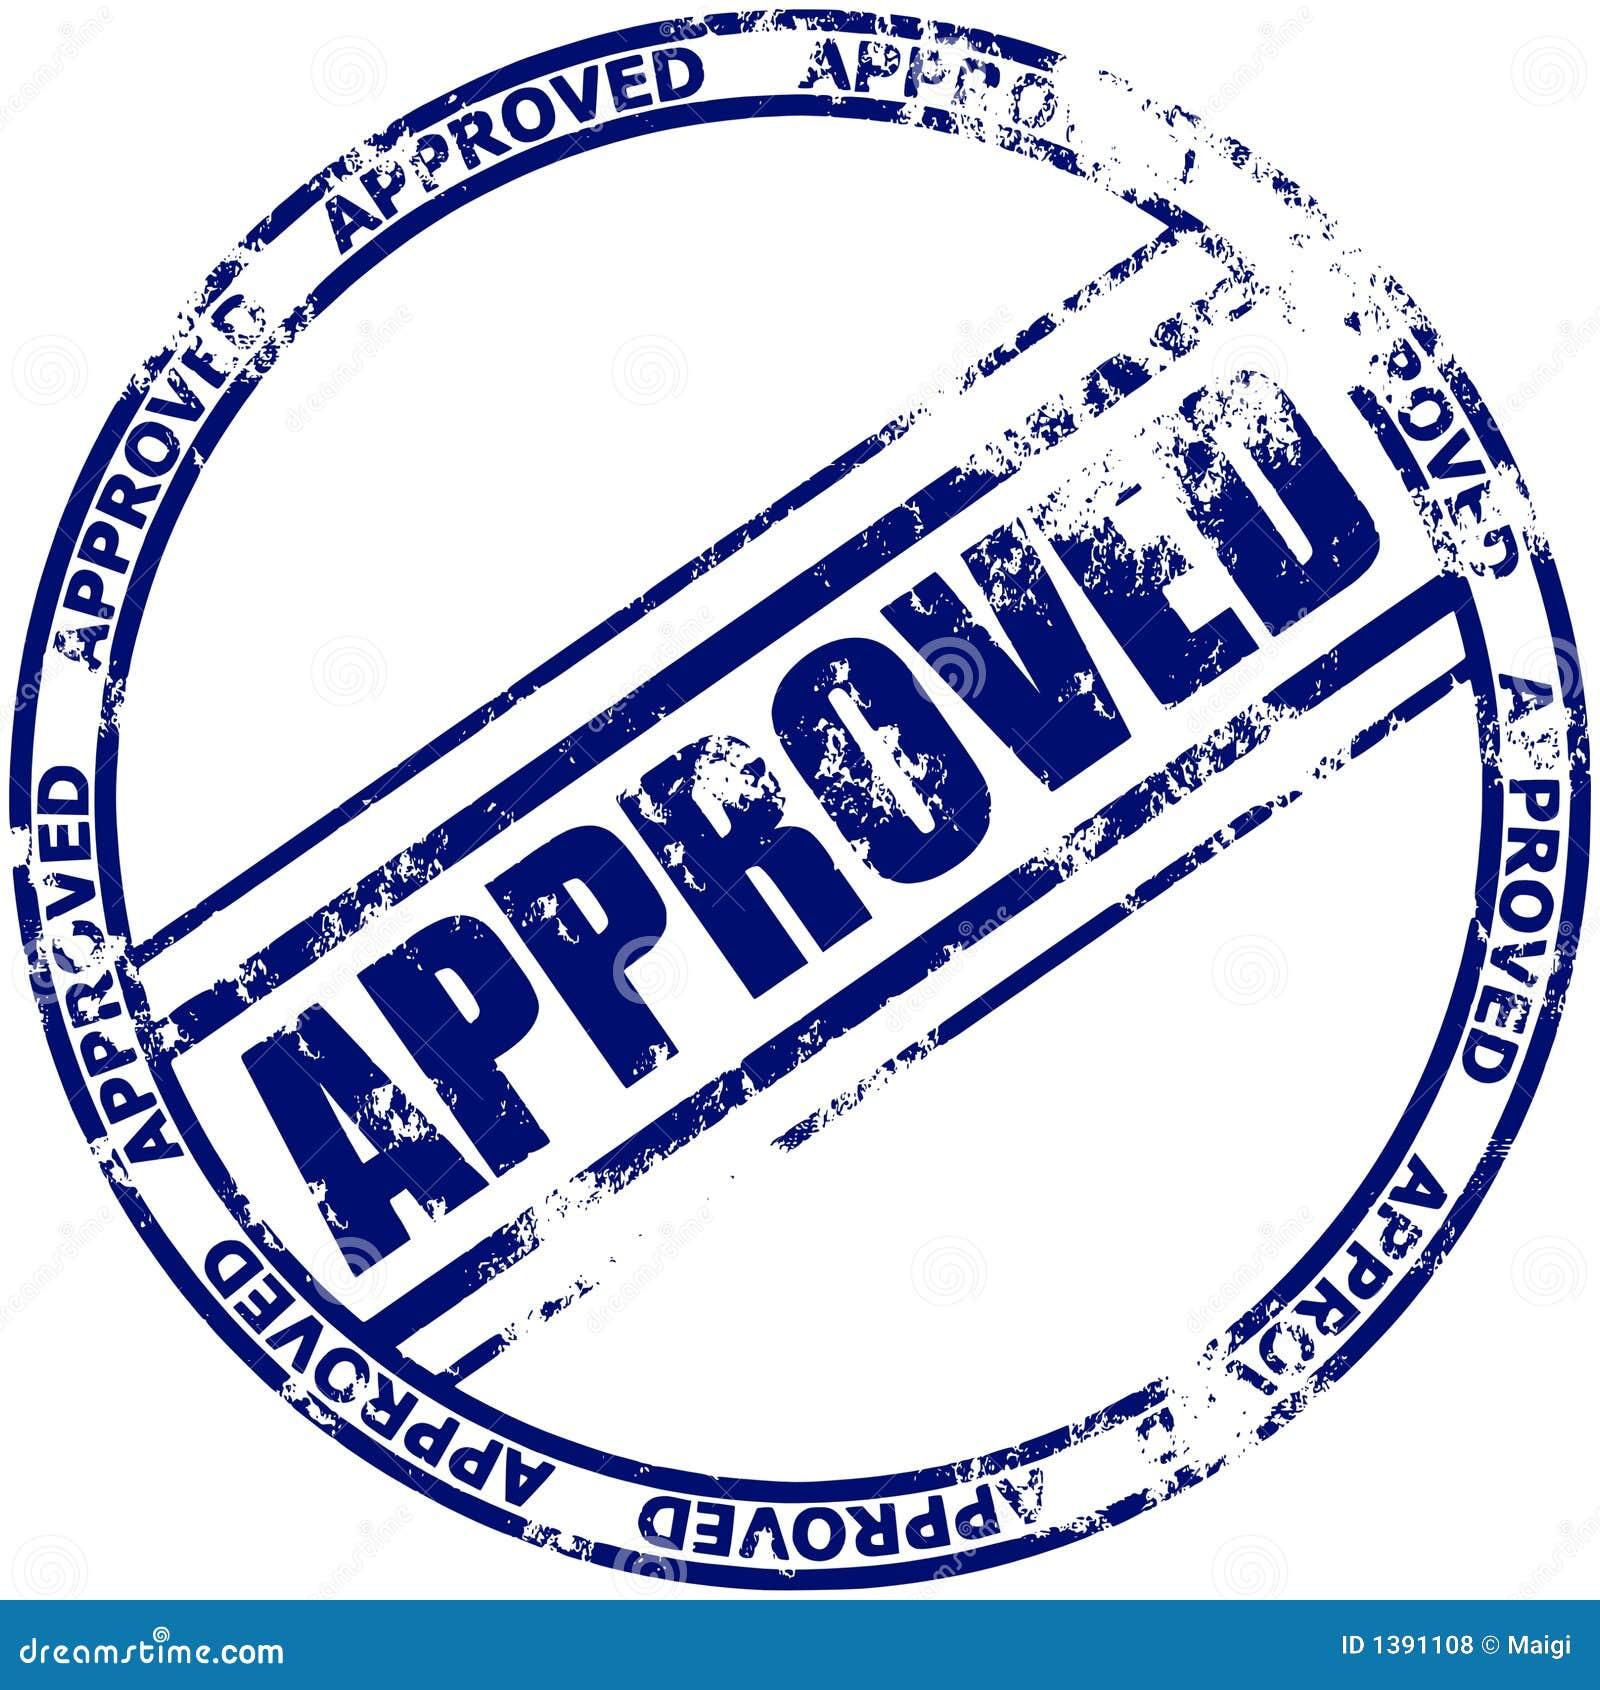 rubber stamp approved 1391108 rubber stamp approved stock vector illustration of circular 1391108